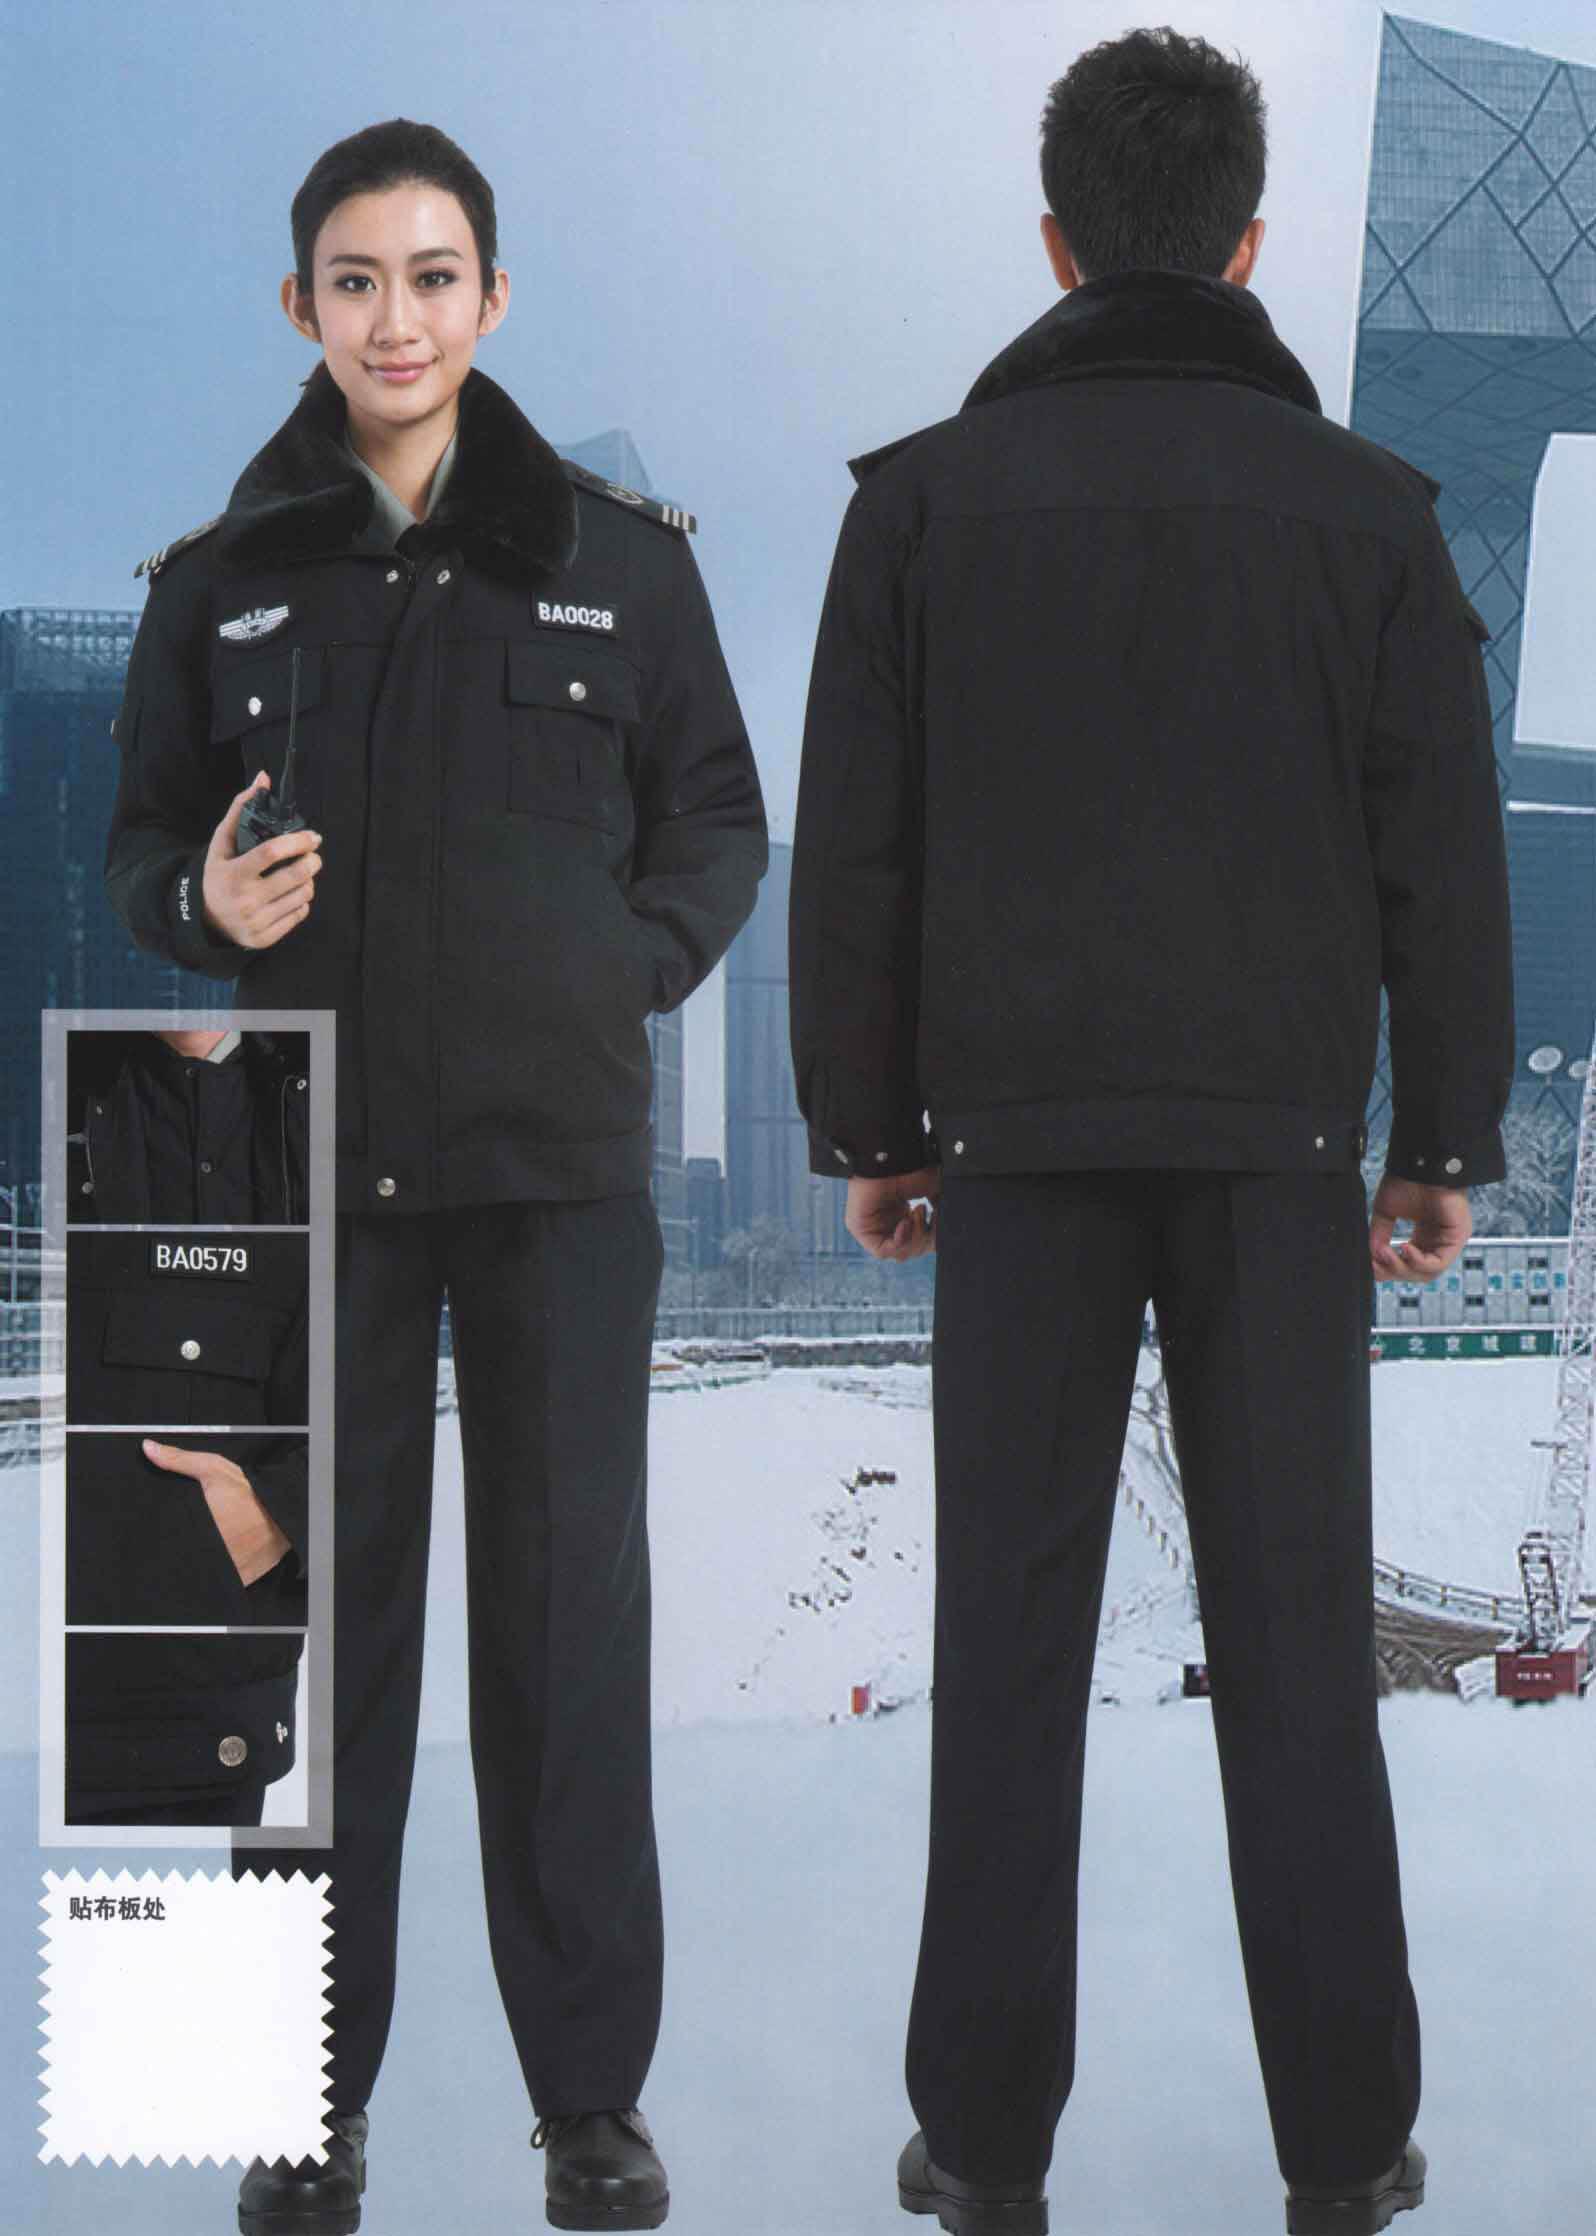 冬季保安物业执勤多功能防寒棉服